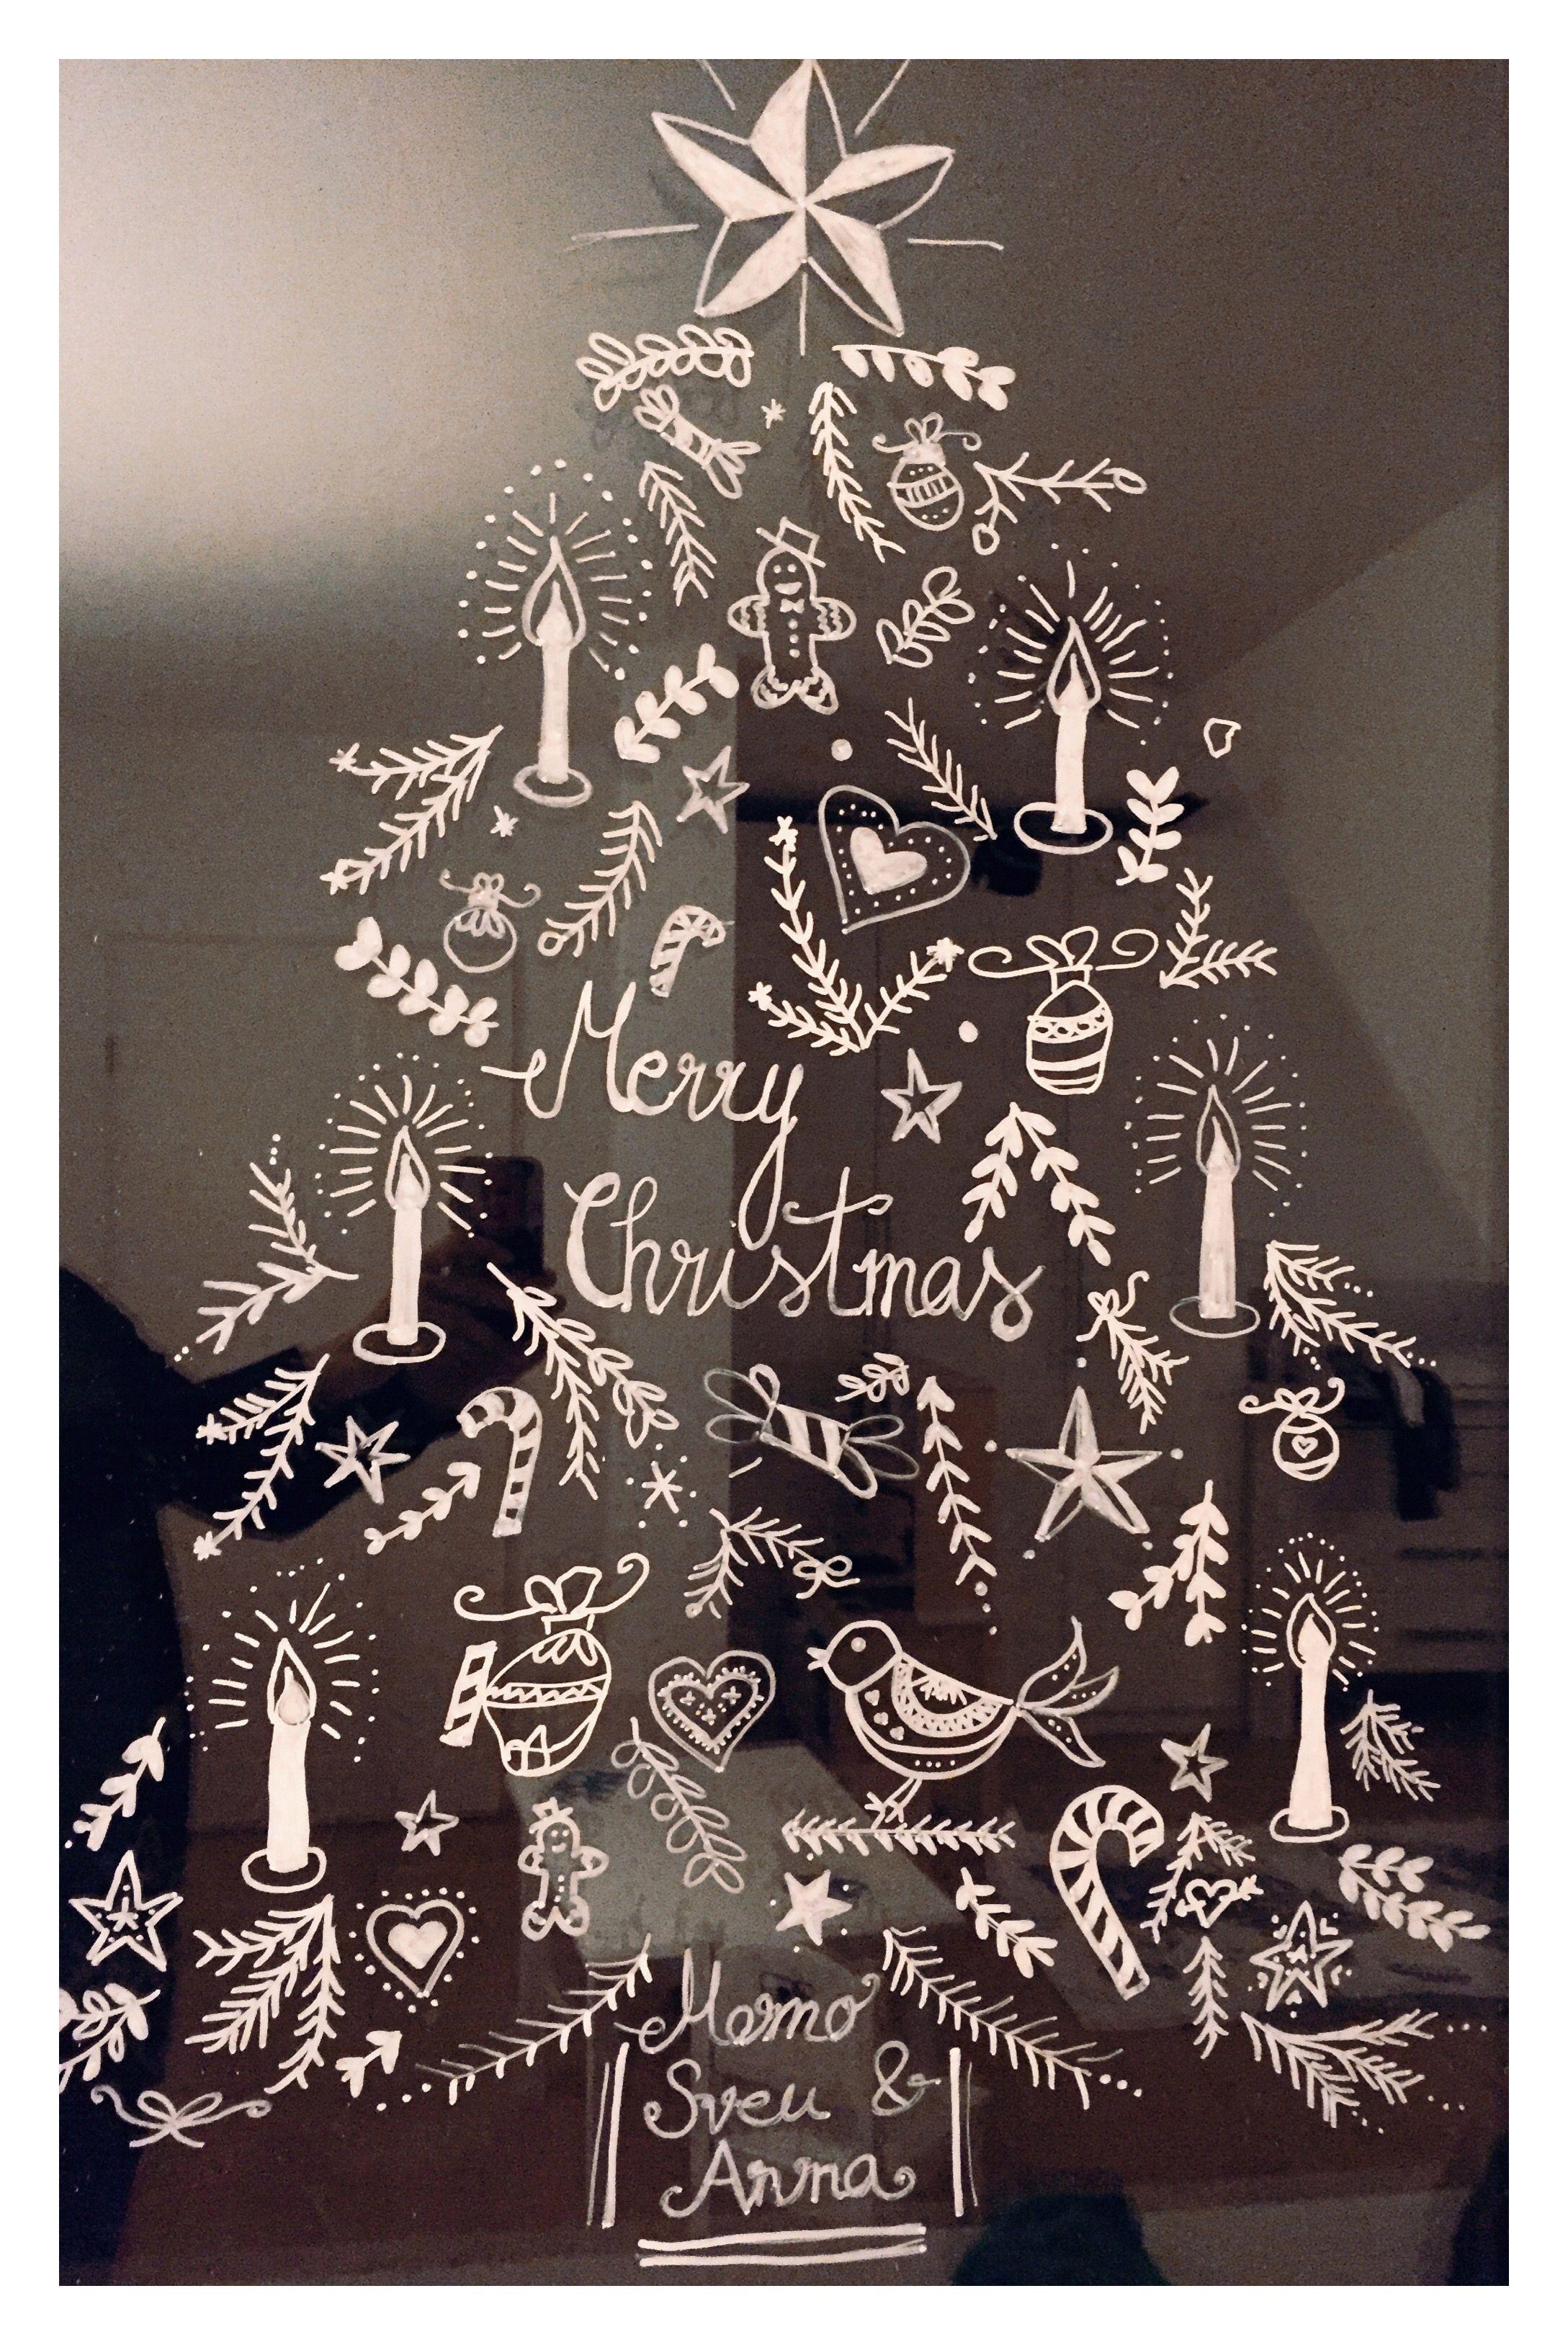 Weihnachtliches Fensterbild Mit Kreidestift Gemalt Danke Happy Serendipity Ging Wirklich Schne Fensterbilder Weihnachten Weihnachten Fensterdeko Weihnachten